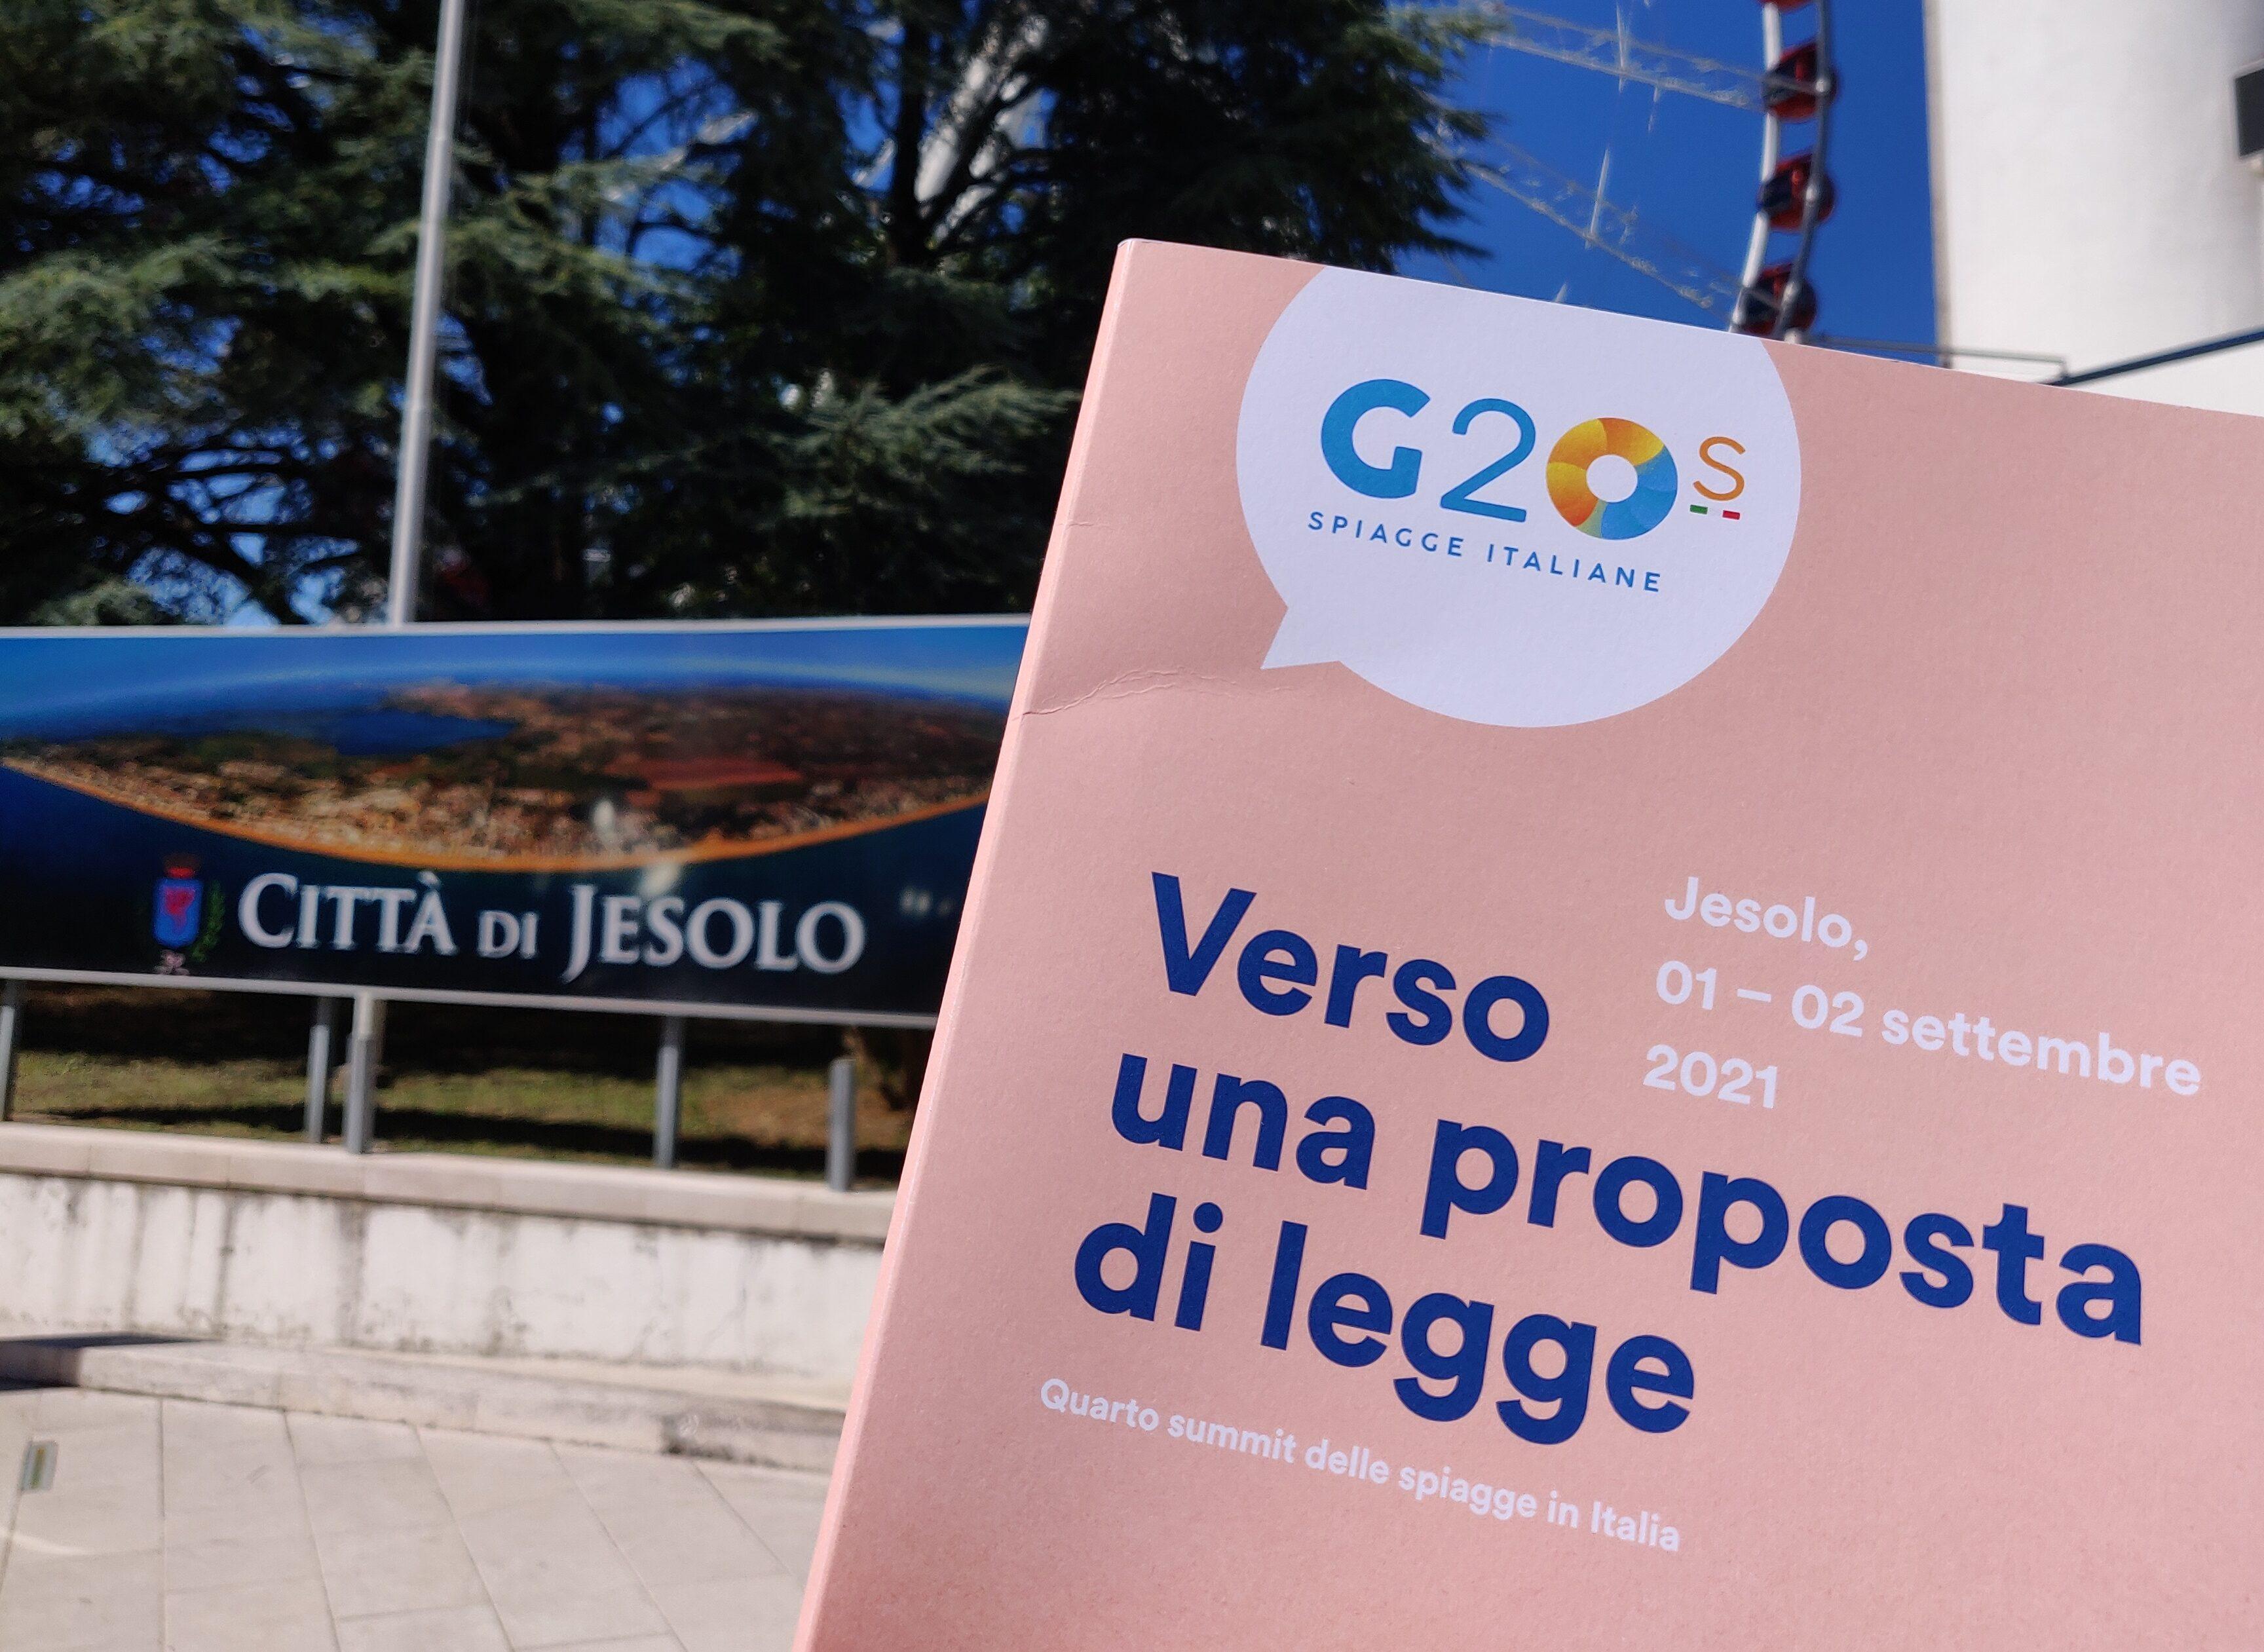 Verso una proposta di legge: il G20 delle spiagge italiane a Jesolo